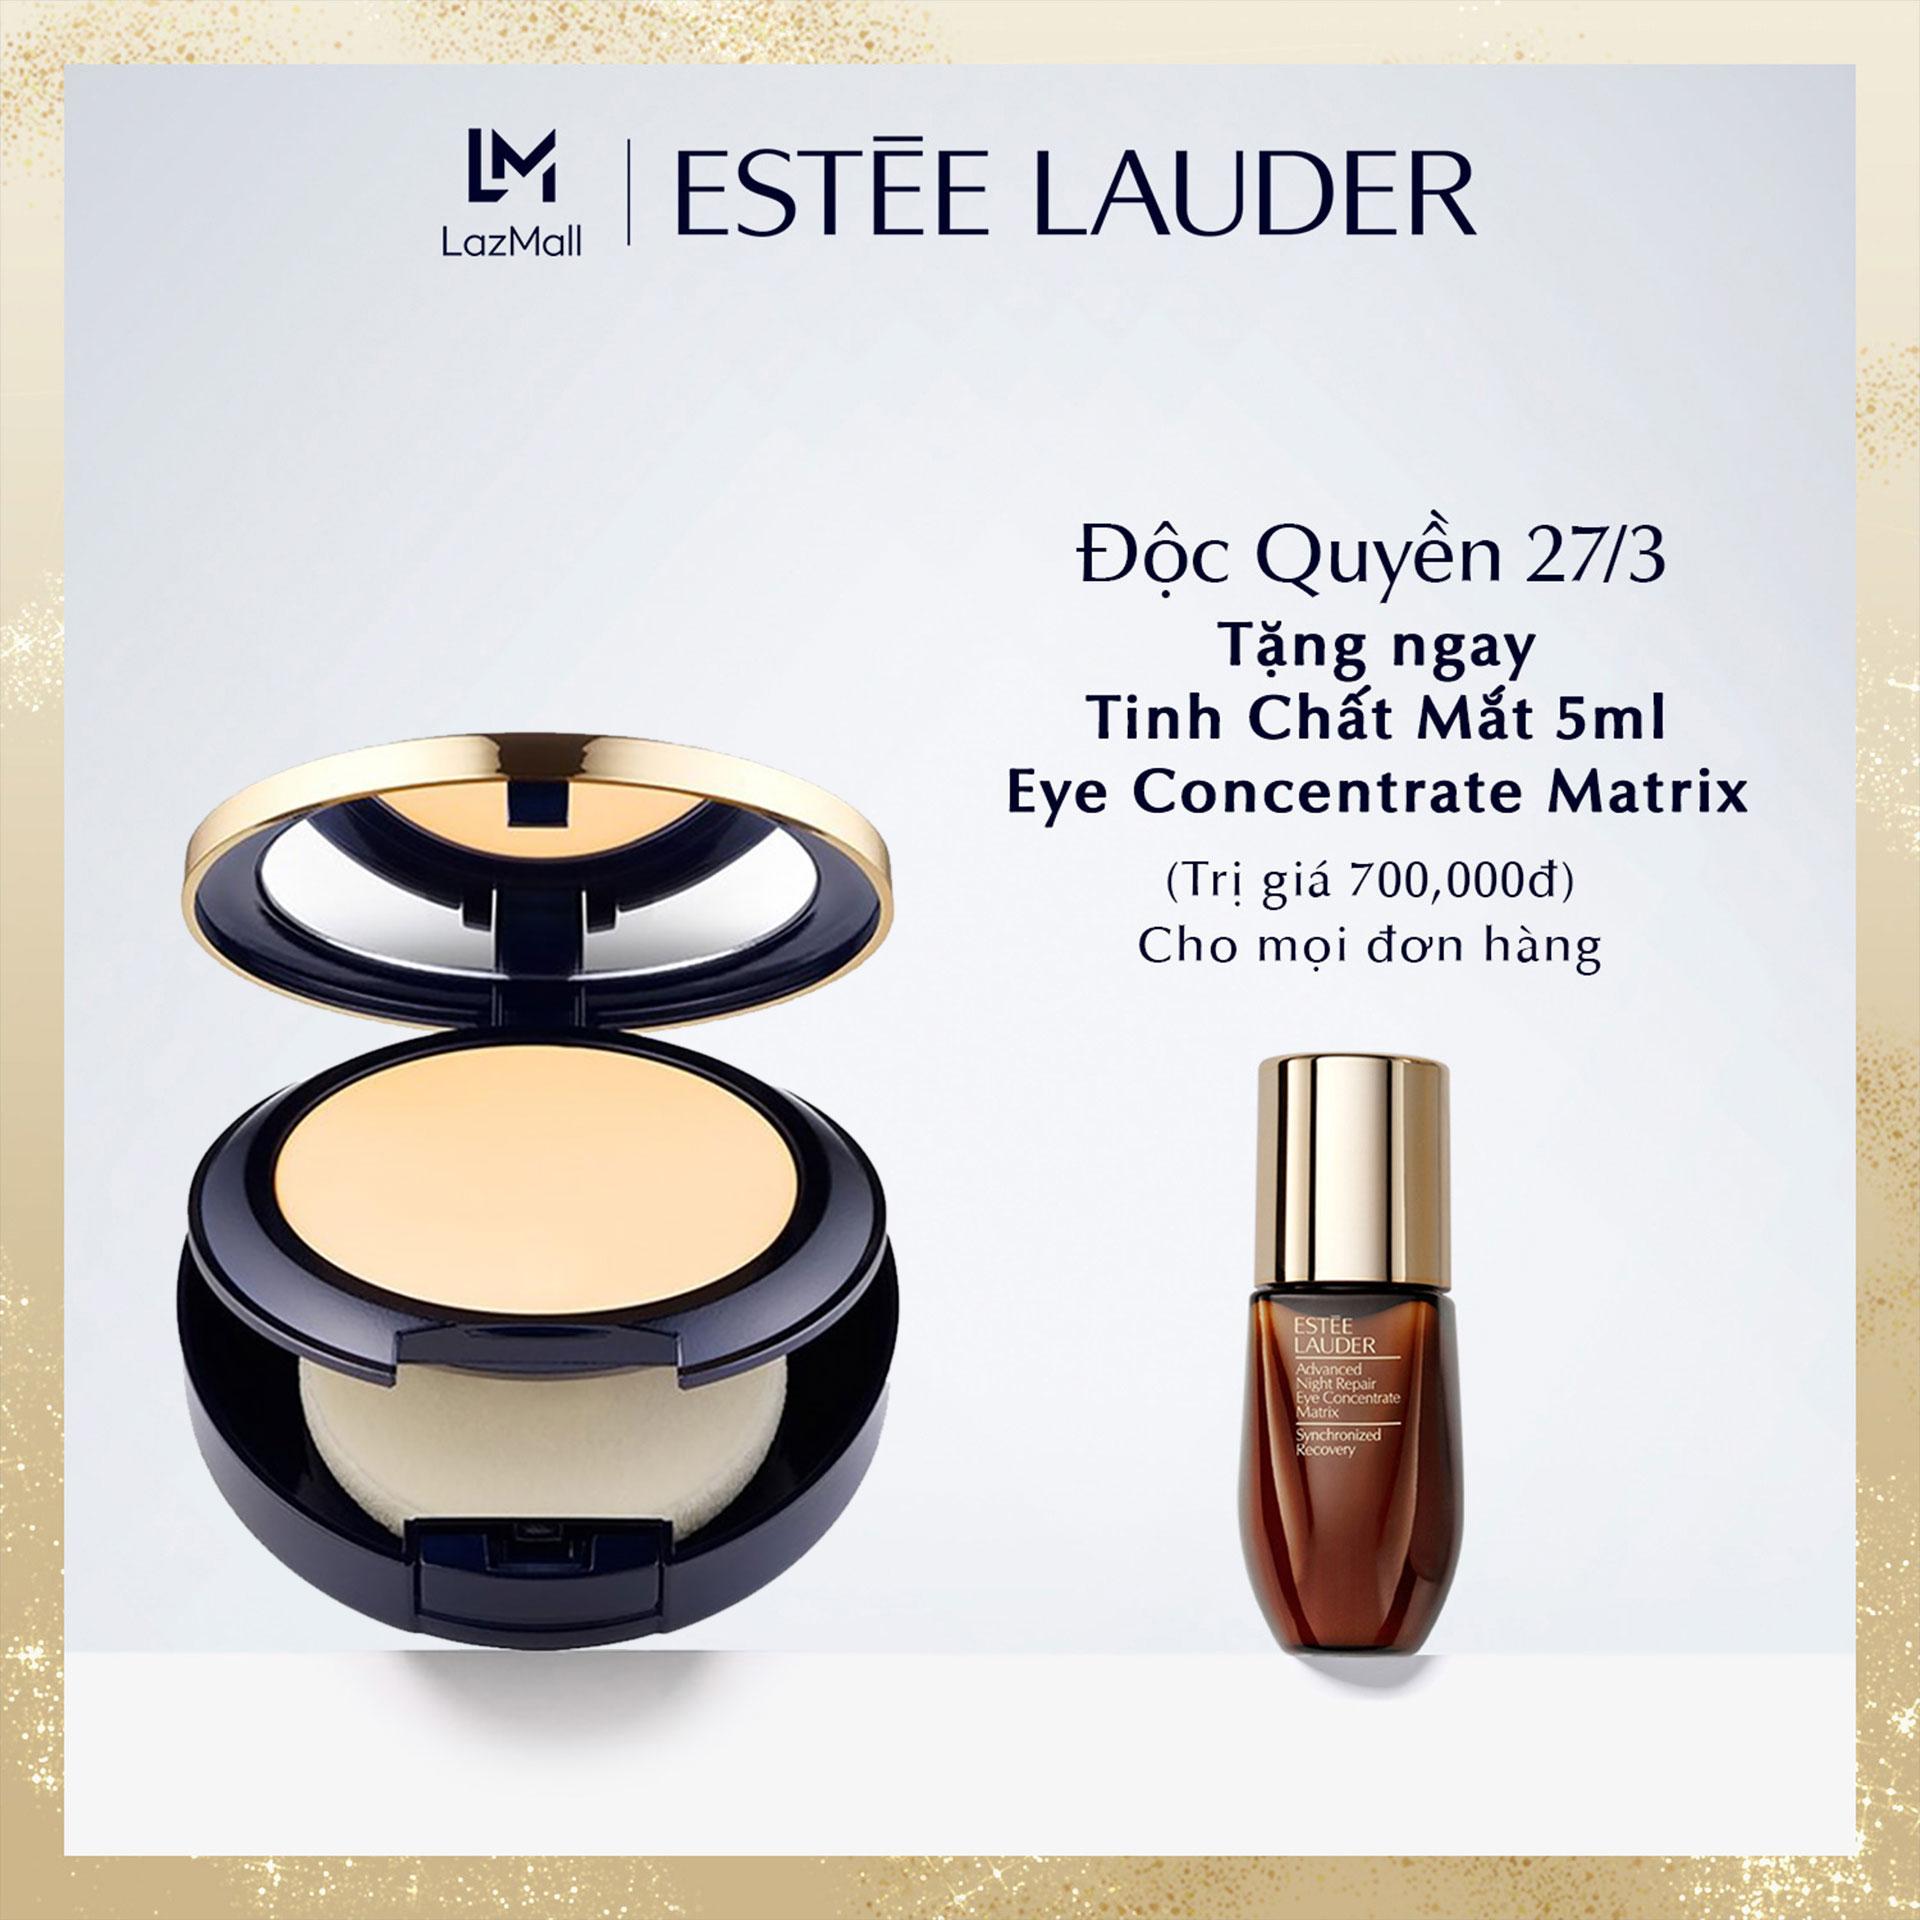 Phấn phủ lì lâu trôi Estee Lauder Double Wear Stay-in-Place Matte Powder Estee Lauder 12g cao cấp